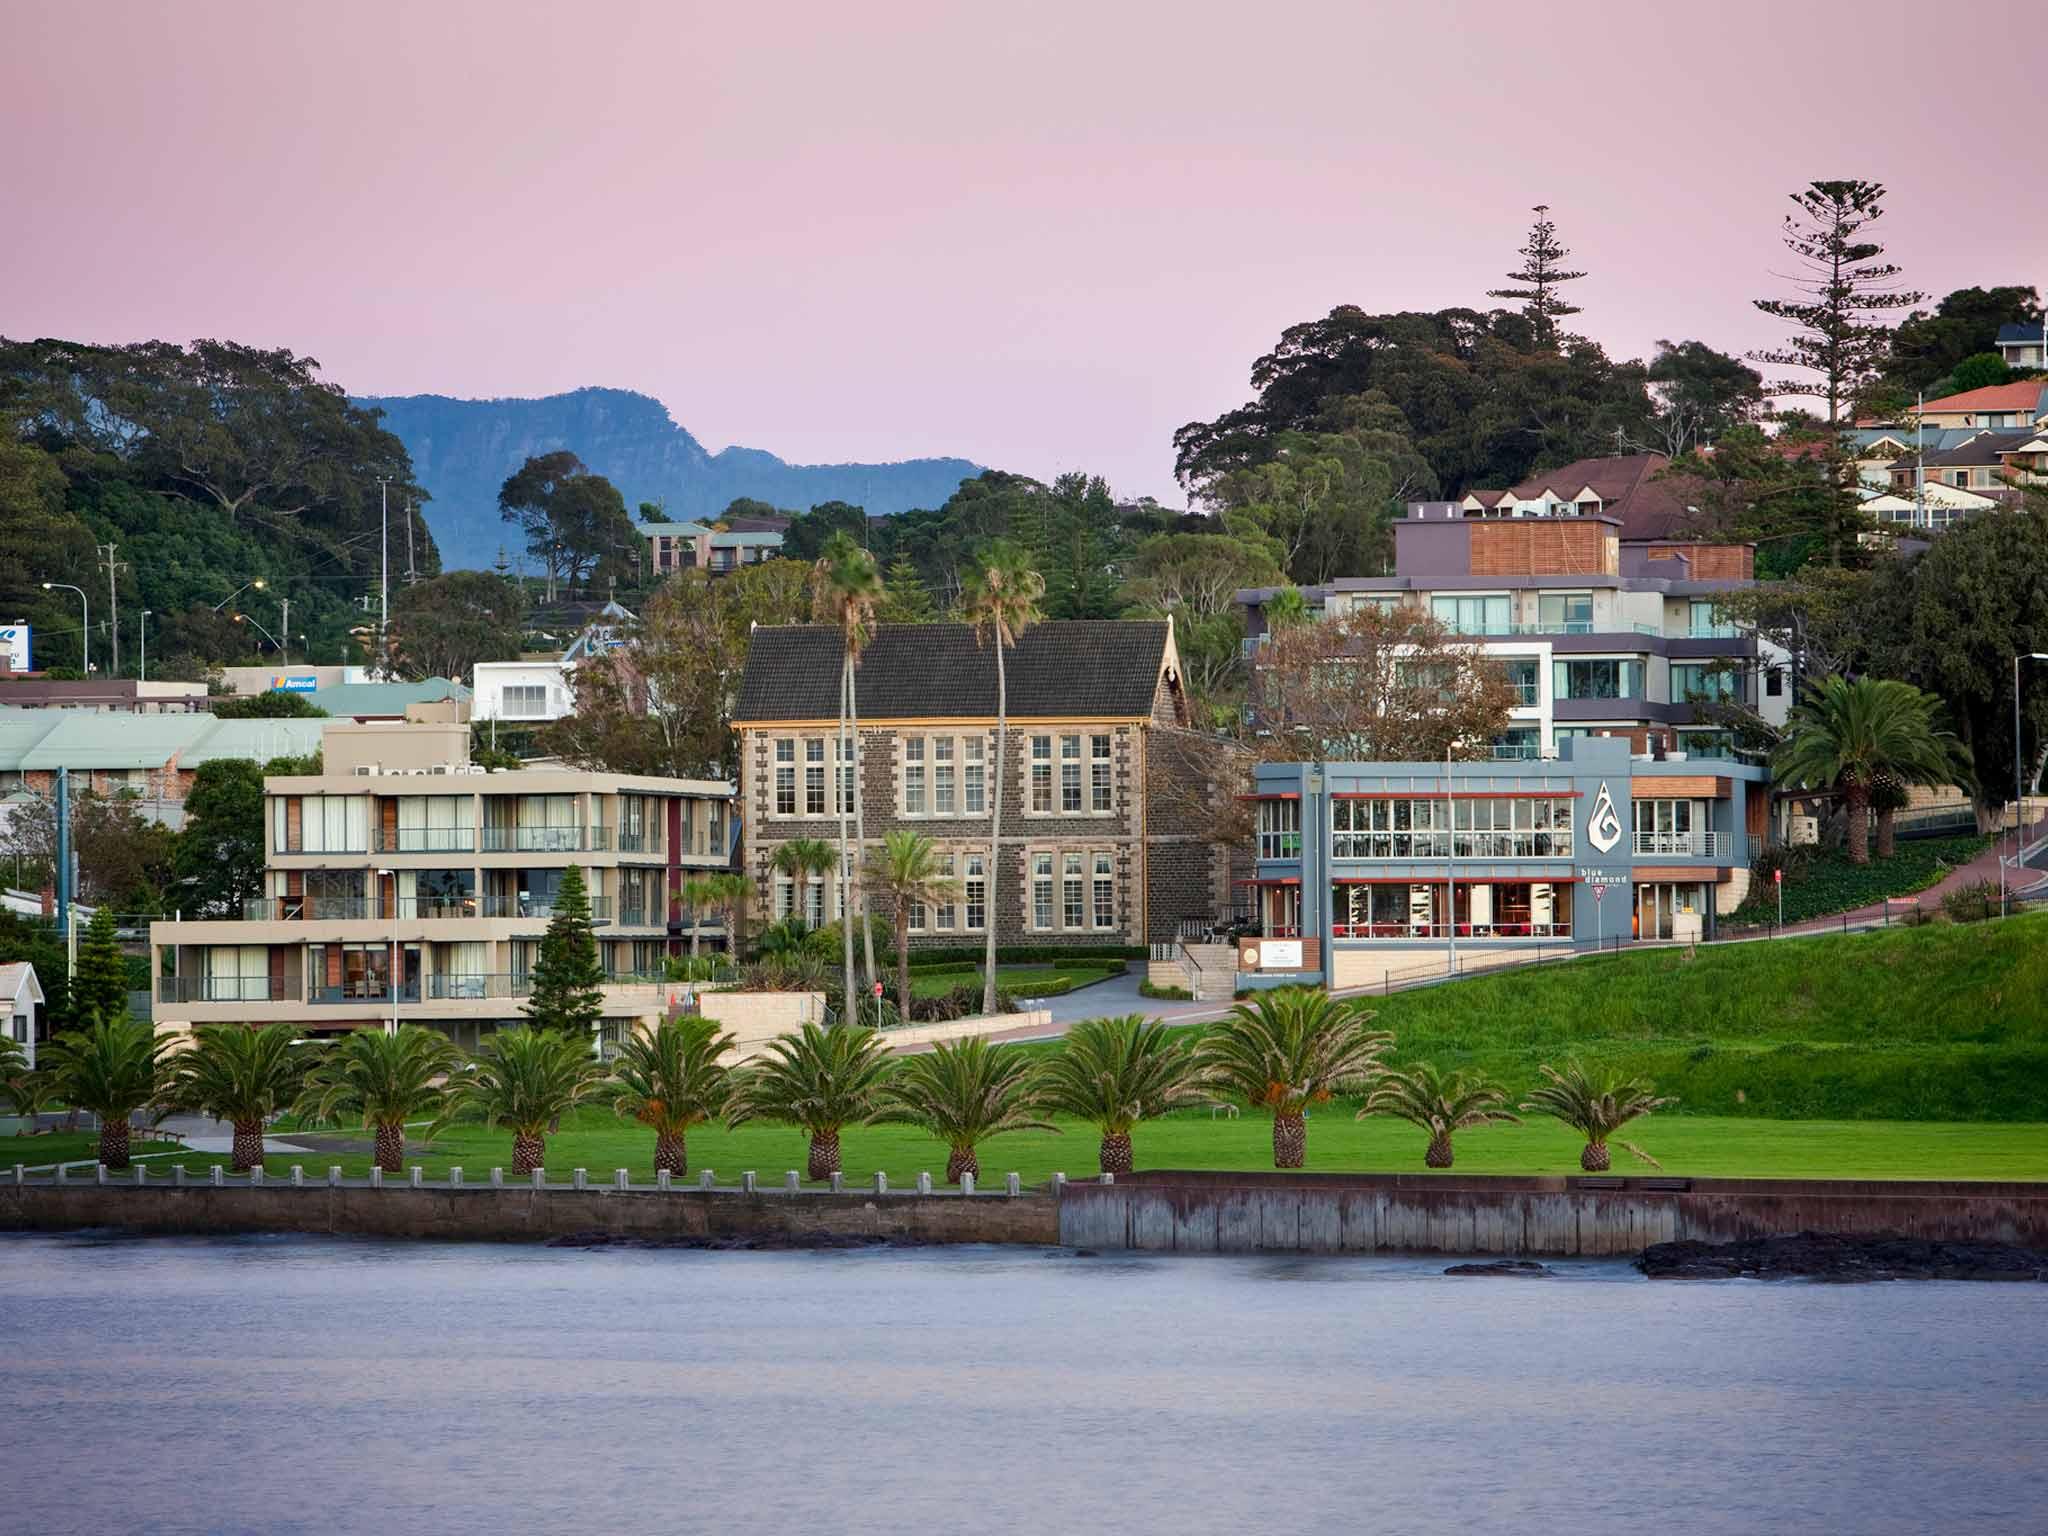 Hotell – The Sebel Kiama Harbourside